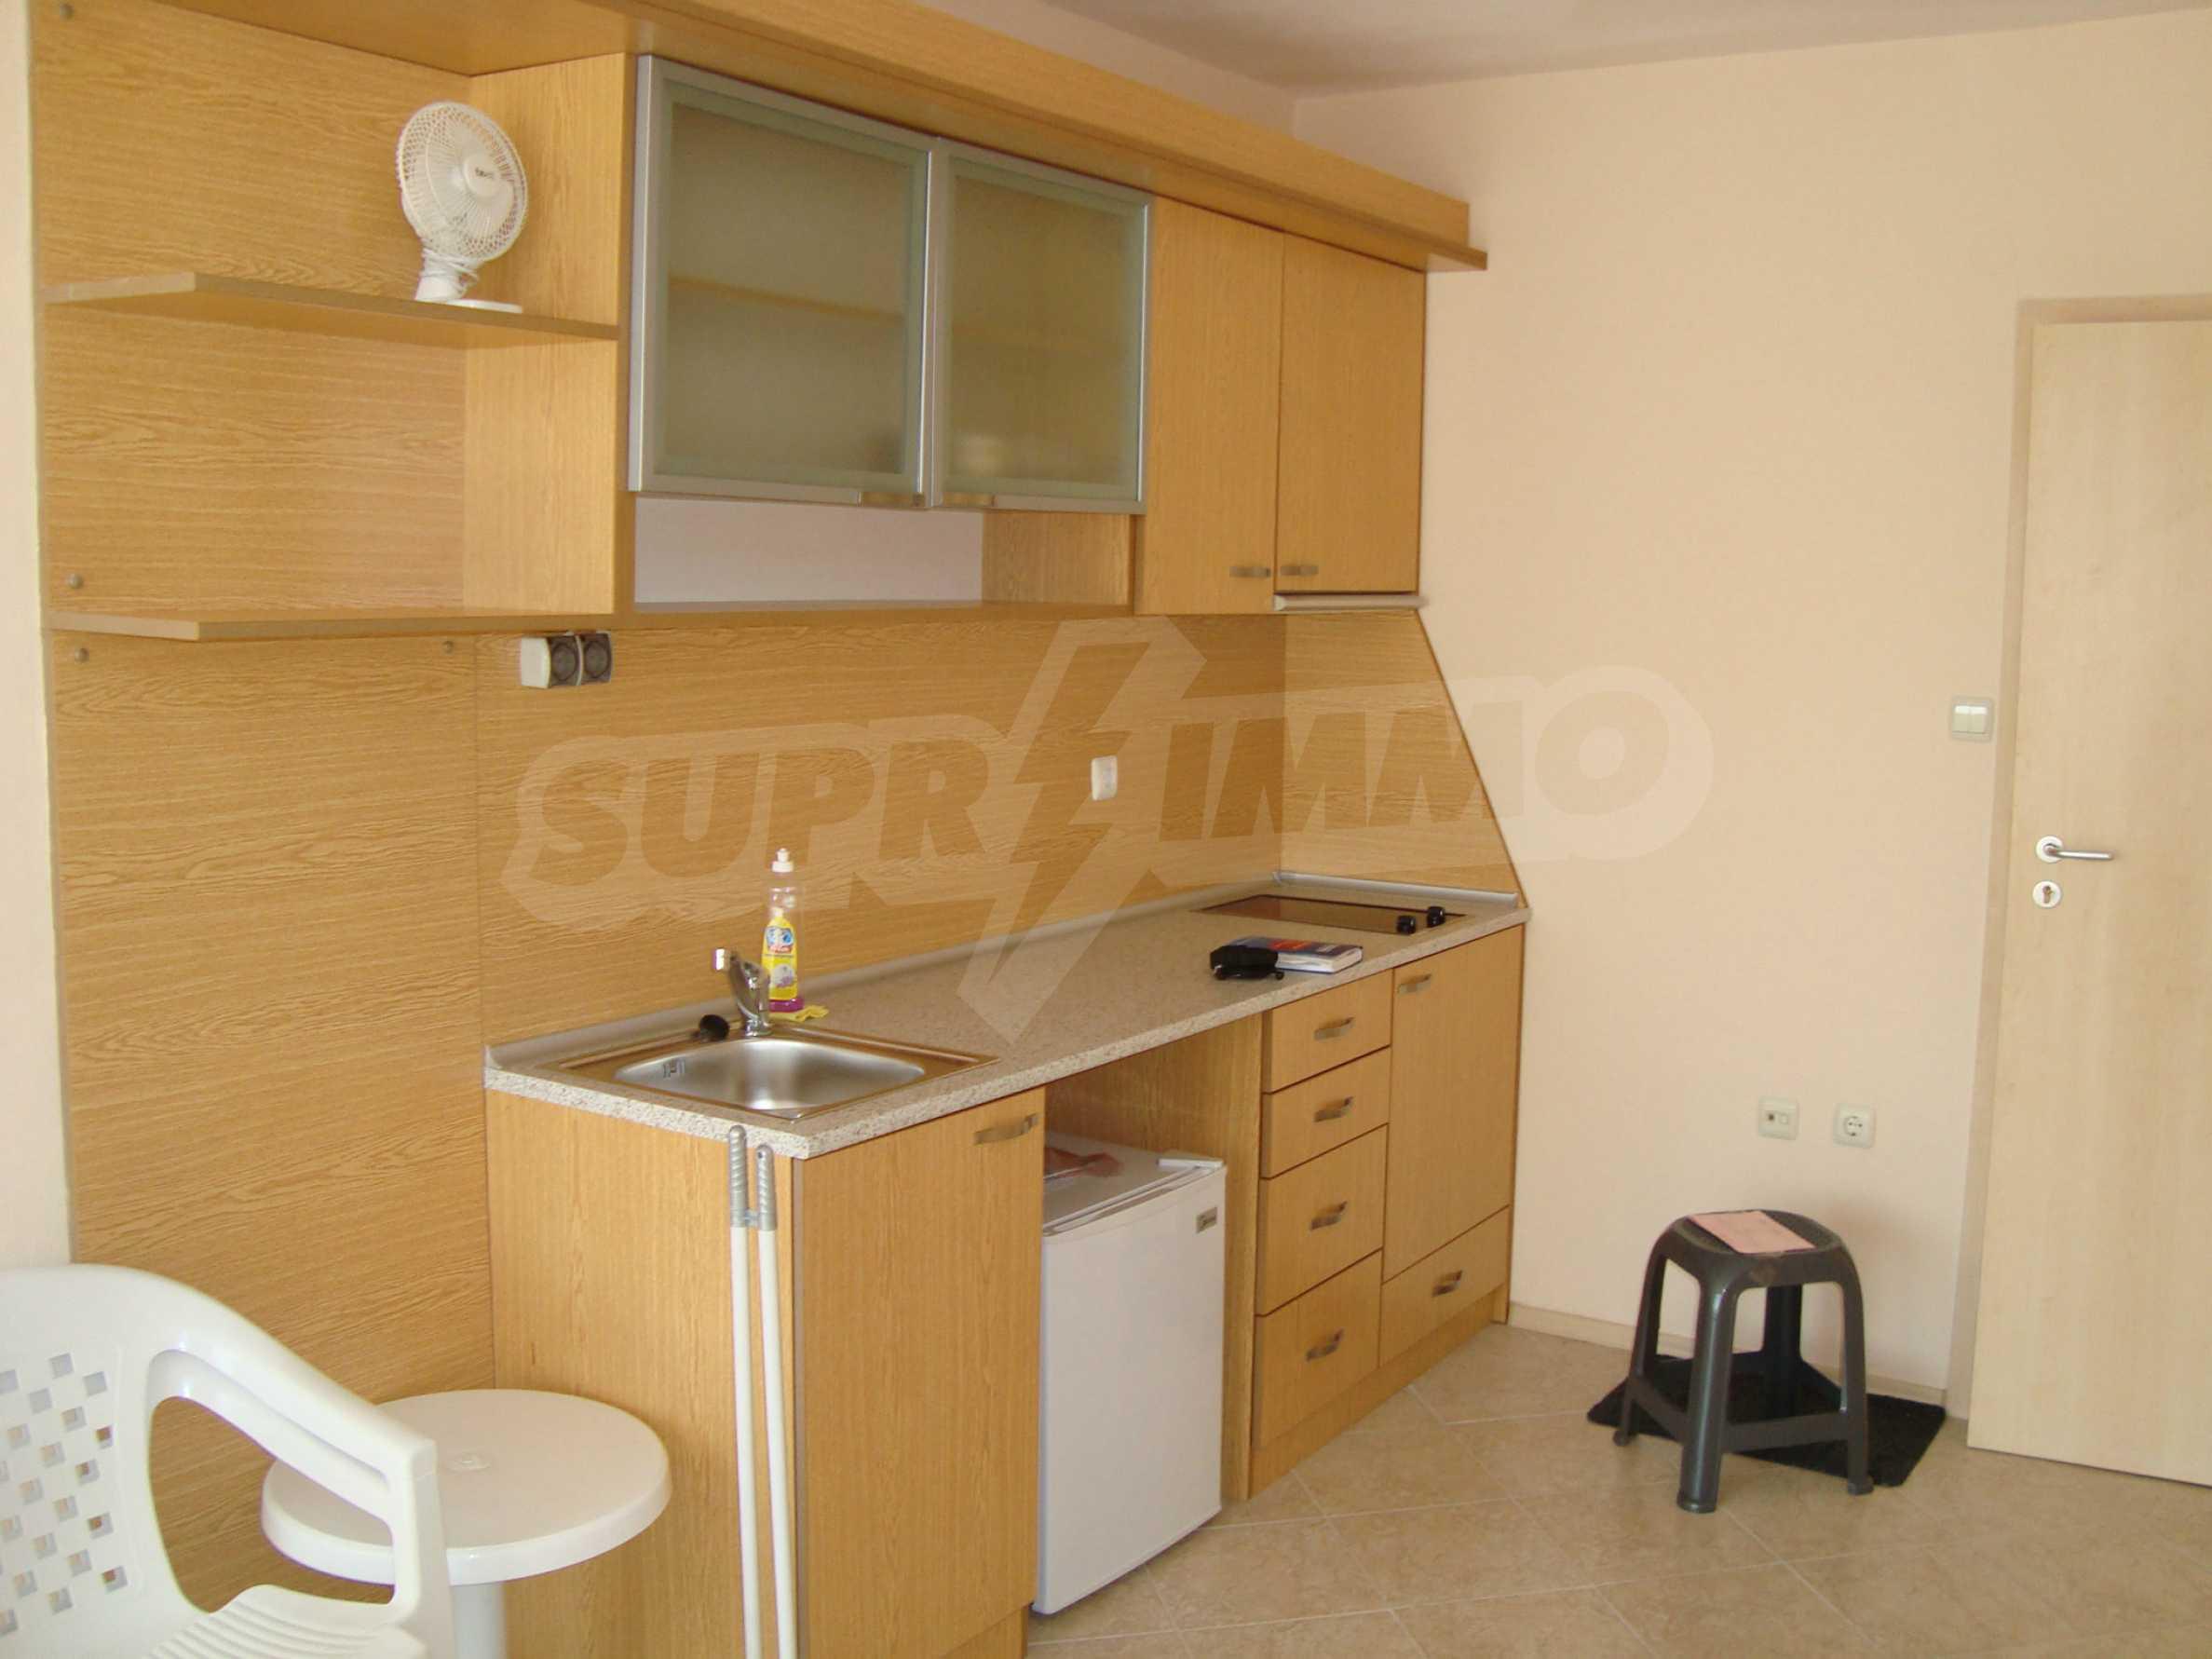 1-bedroom apartment in Kamelia Gardens complex in Sunny beach 3